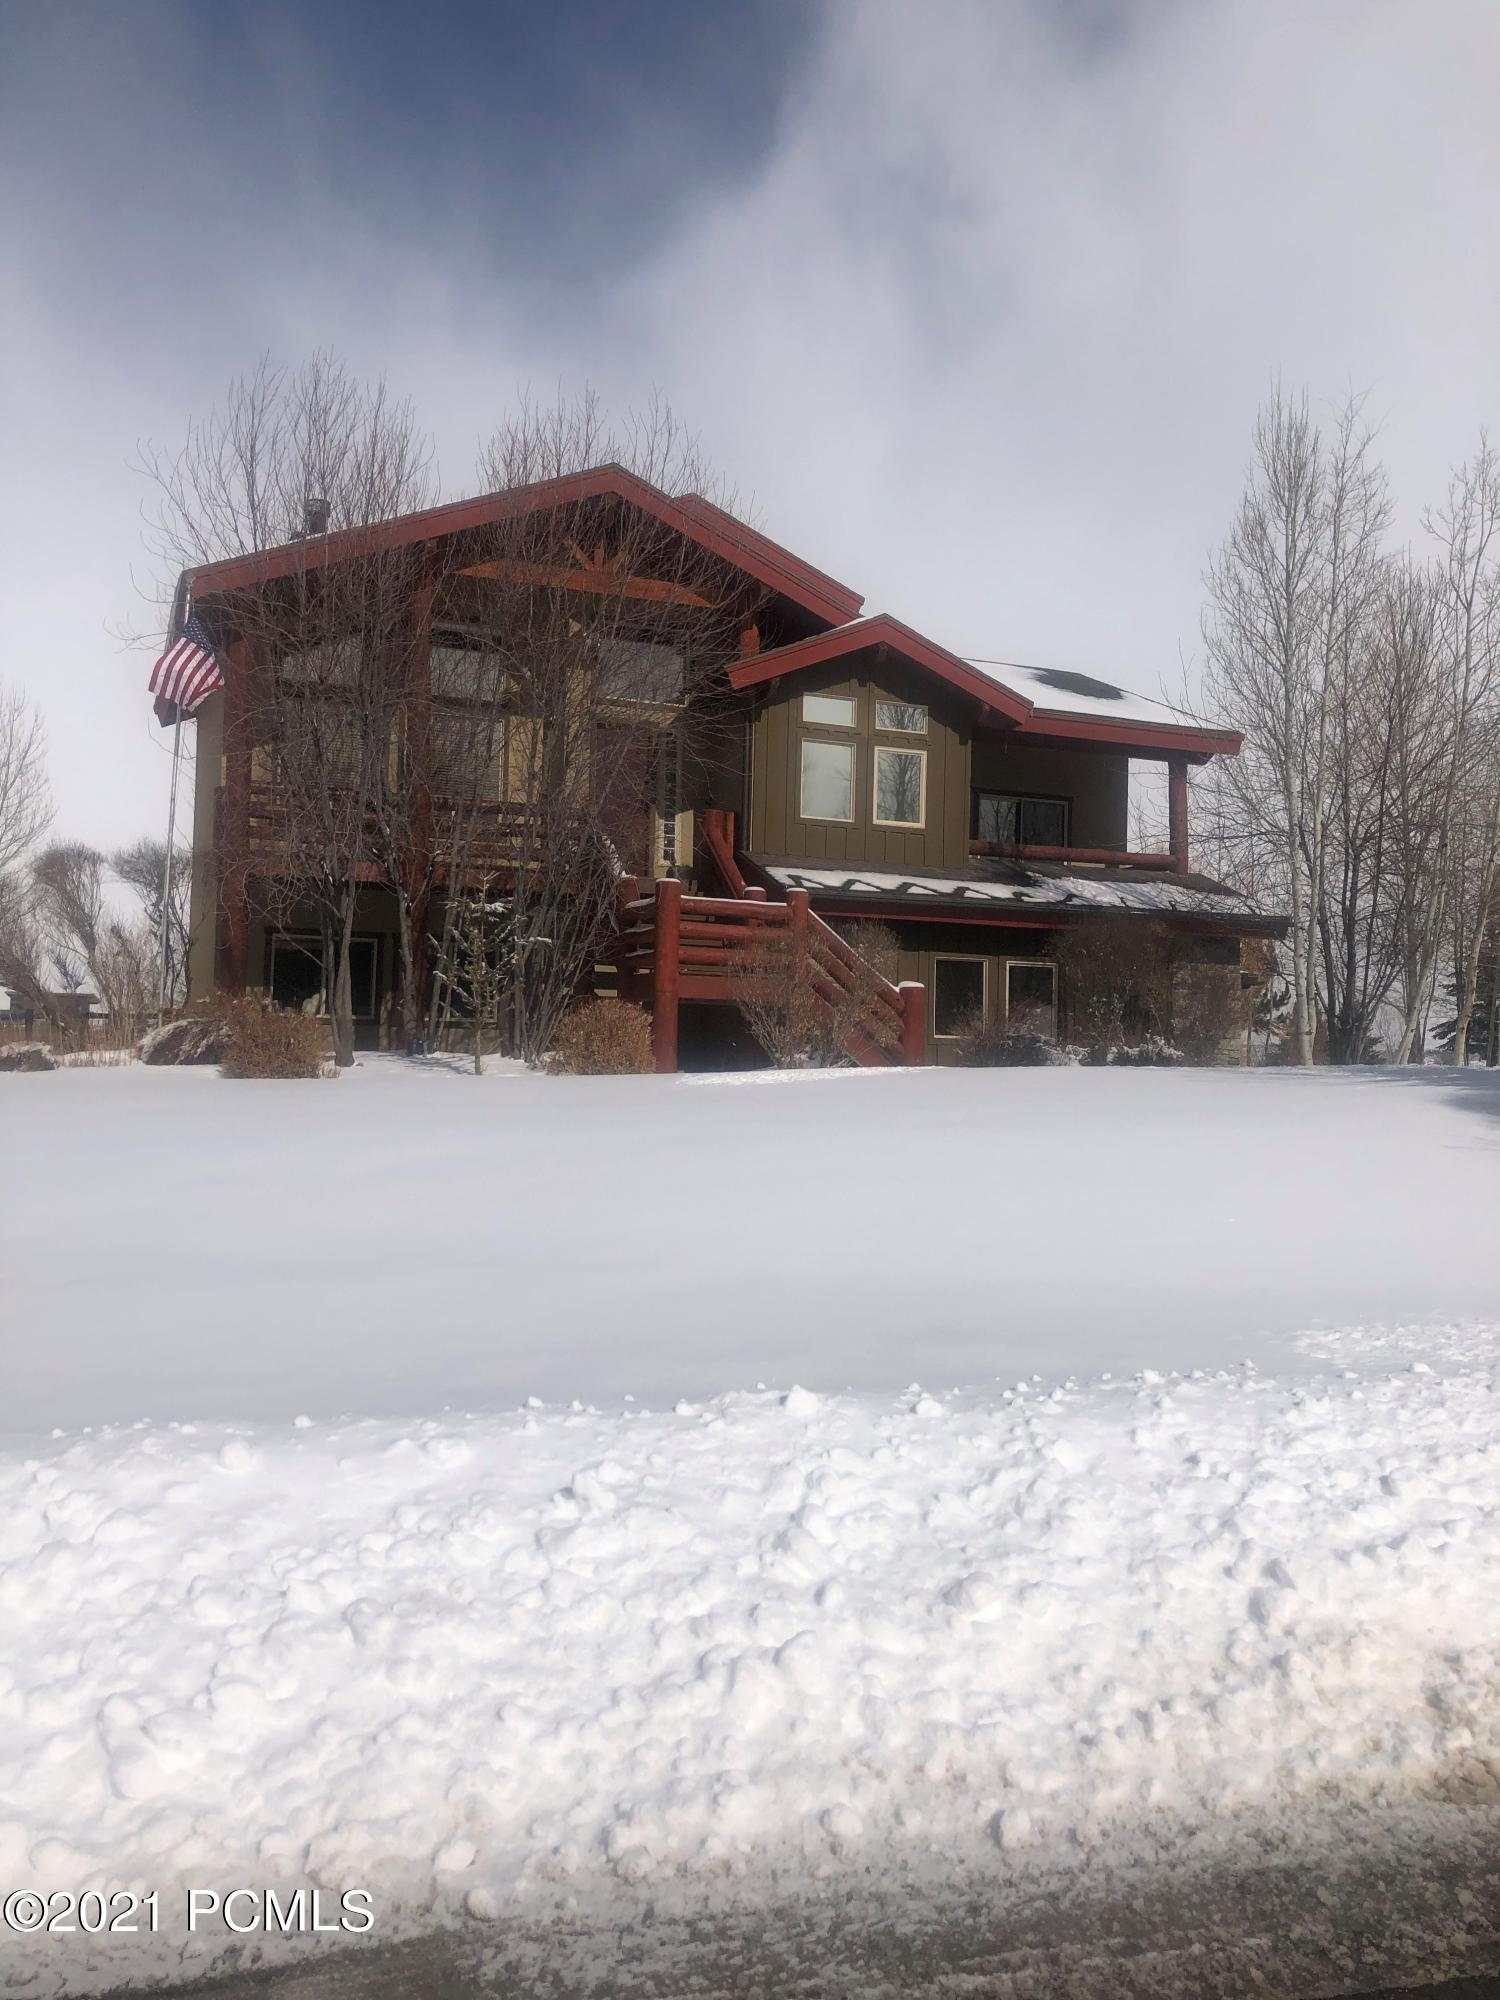 6002 Trailside Loop Road Loop, Park City, Utah 84098, 6 Bedrooms Bedrooms, ,4 BathroomsBathrooms,Single Family,For Sale,Trailside Loop Road,12100666